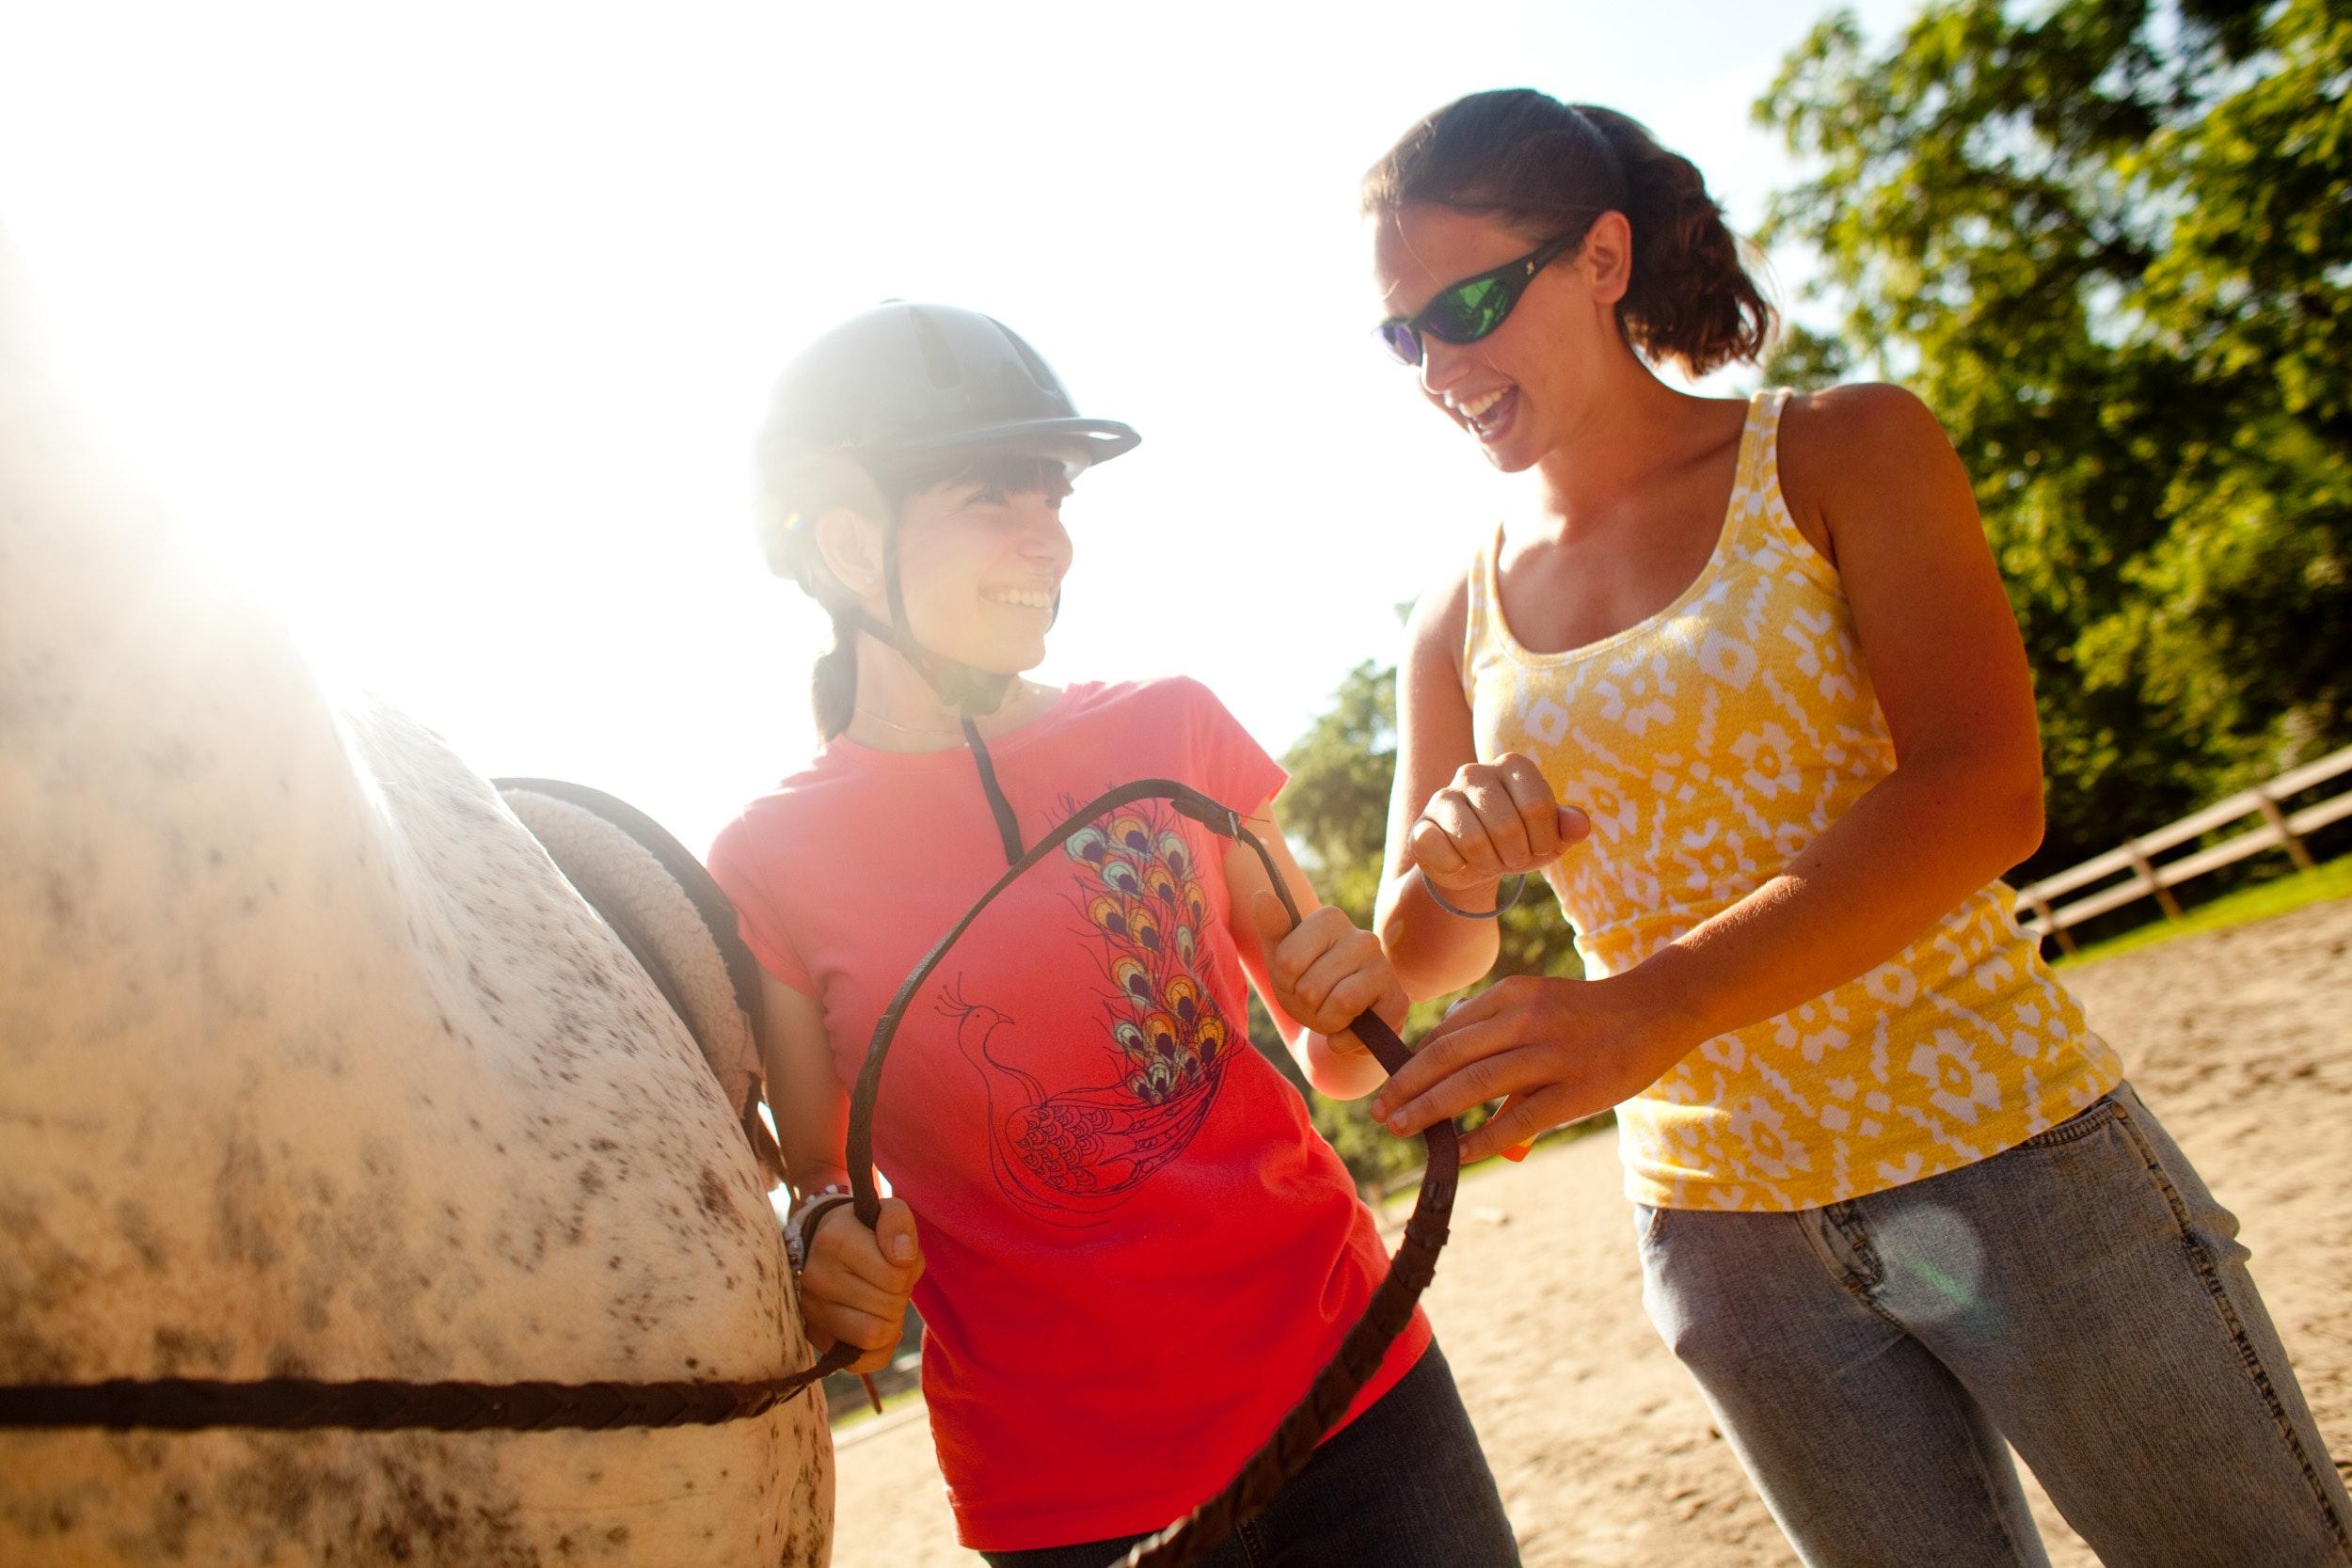 Horsemanship instruction keystone summer camp for girls in brevard north carolina.jpg?ixlib=rails 2.1